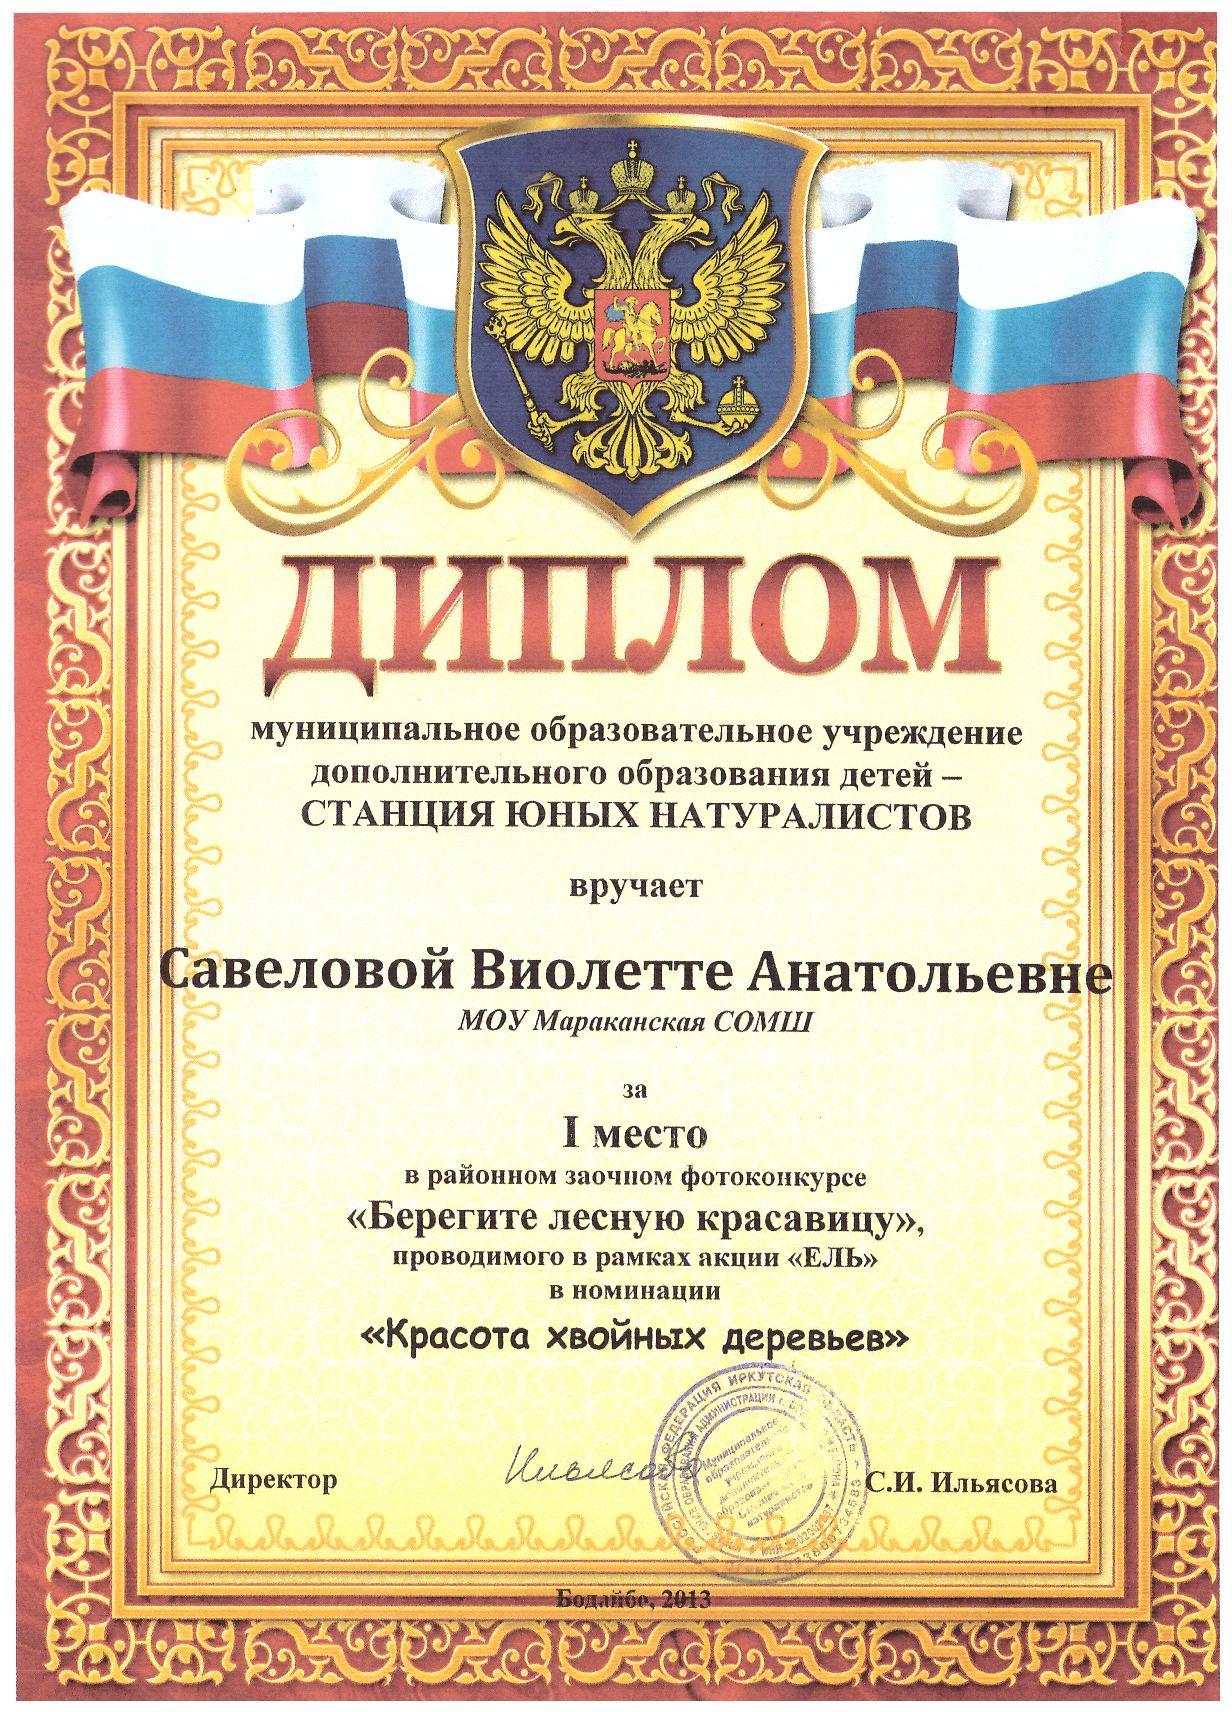 Диплом Савёловой